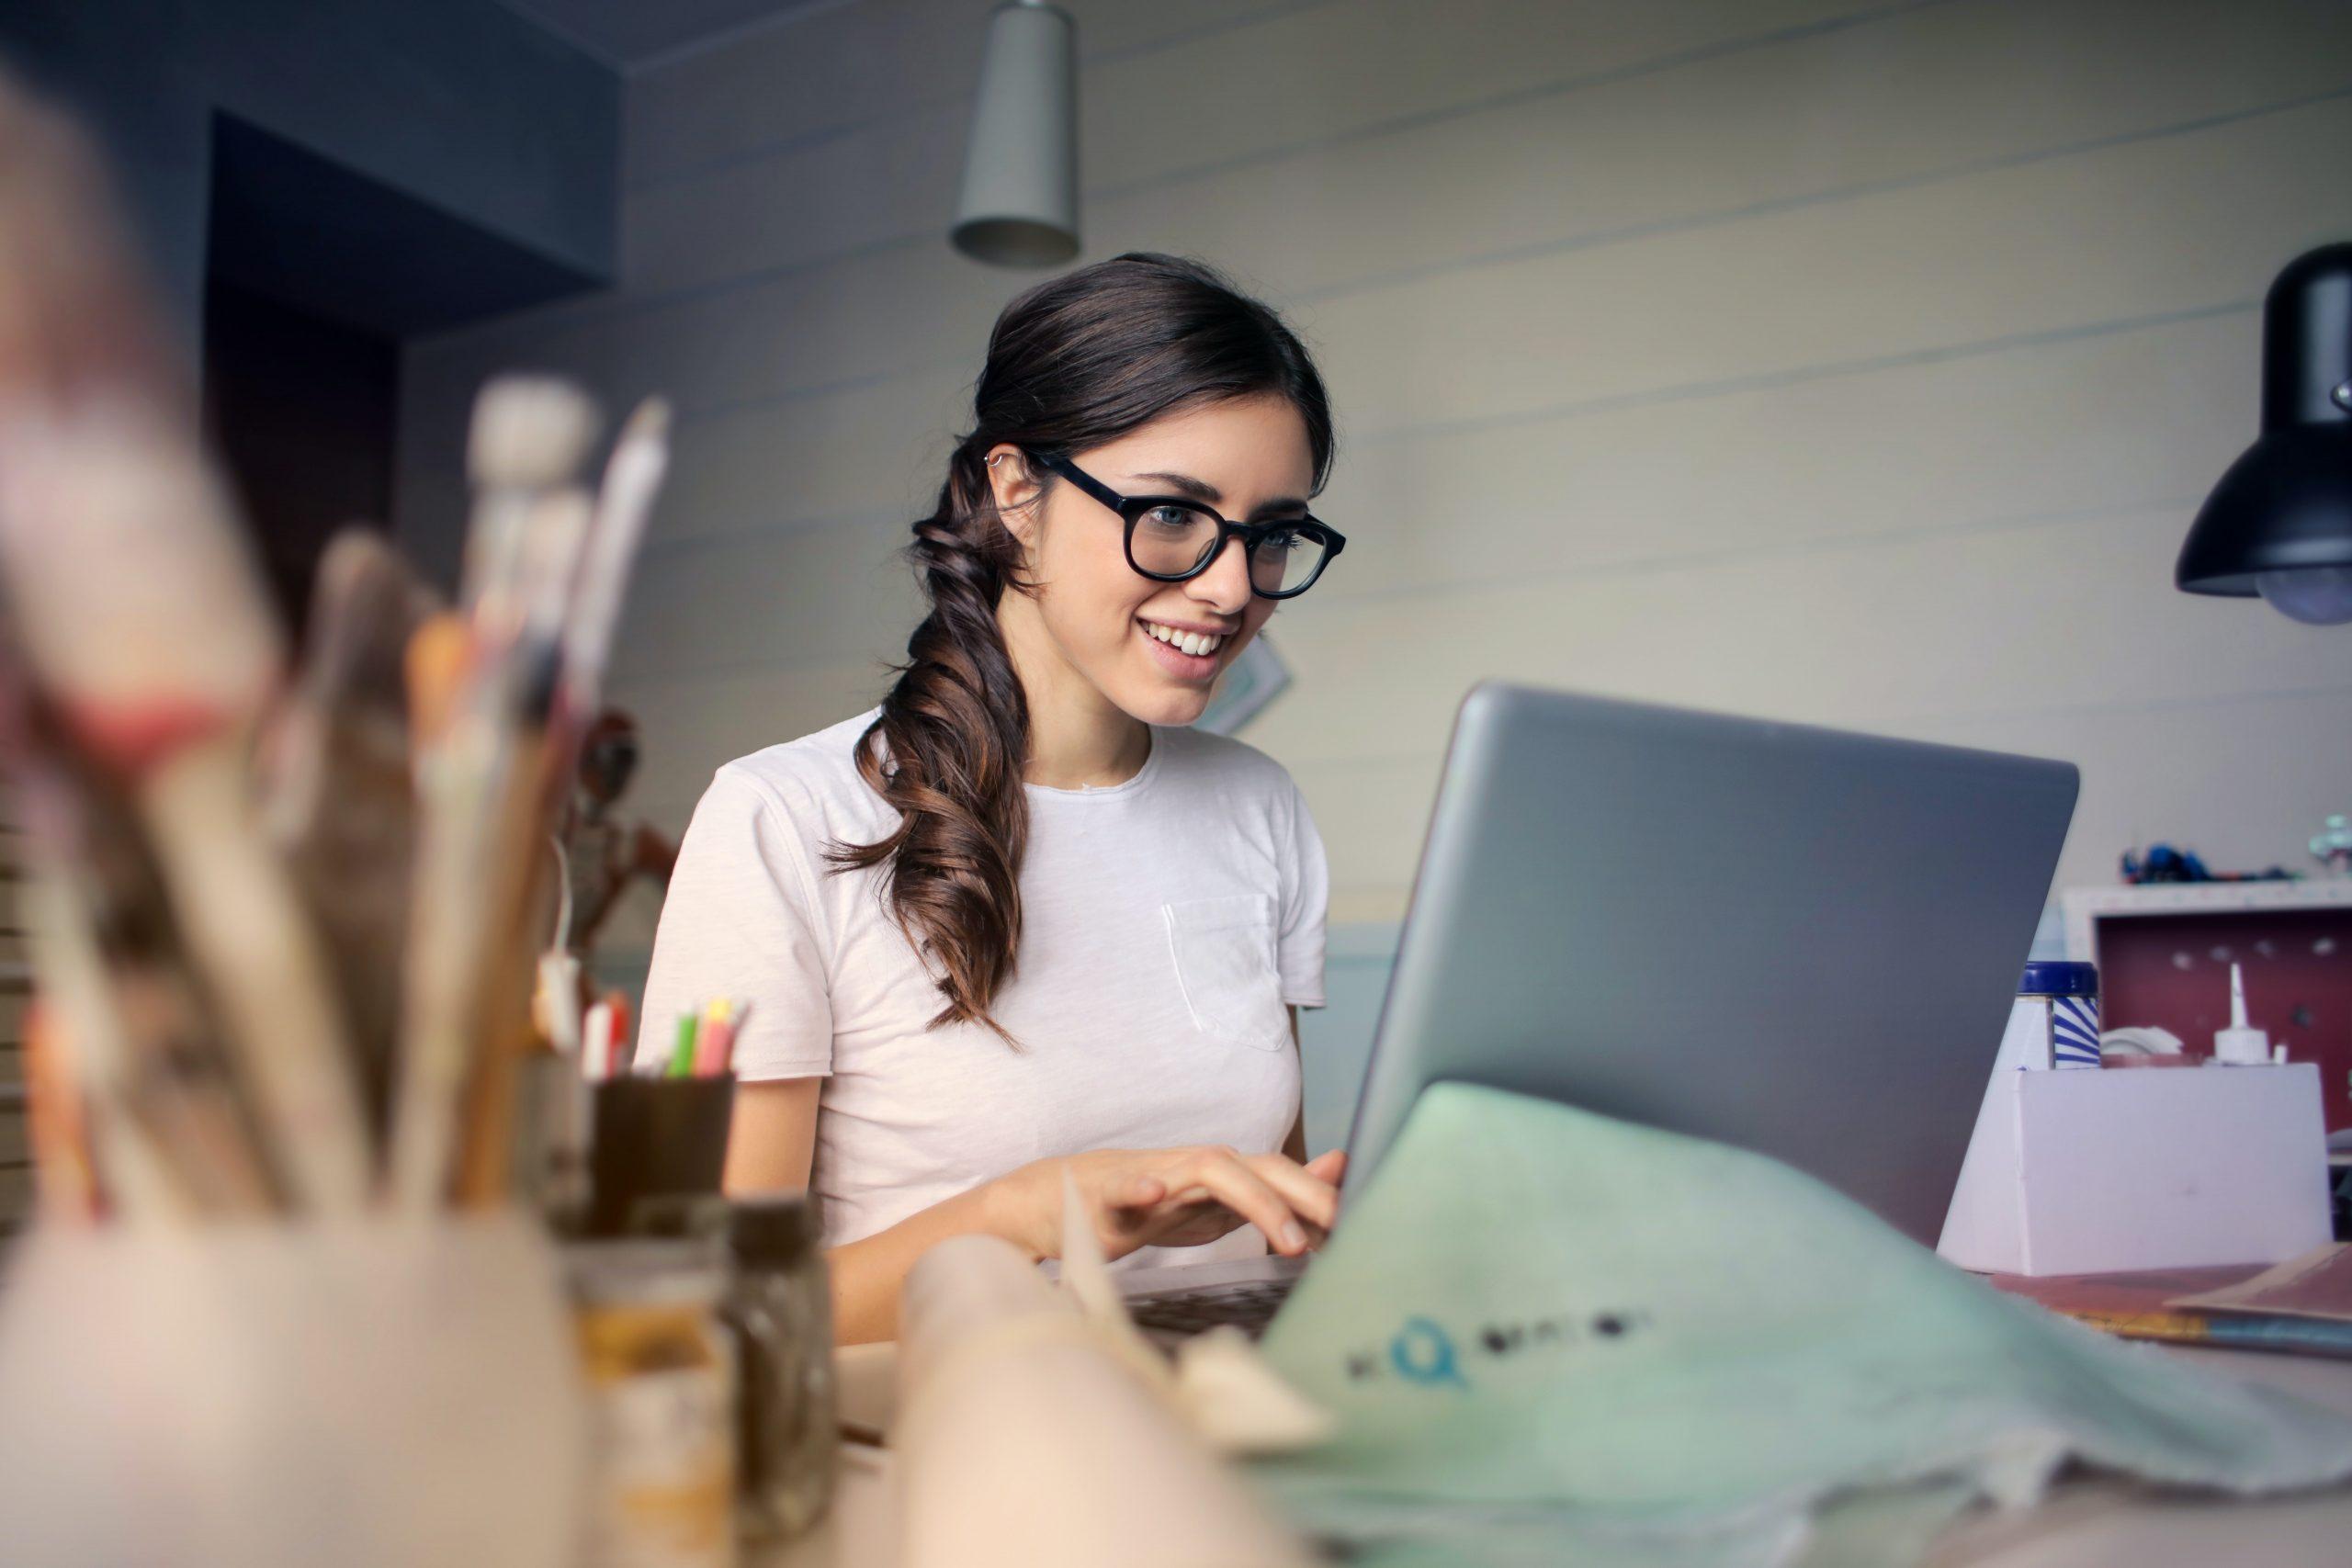 Plan of actions can be taken for women entrepreneurship